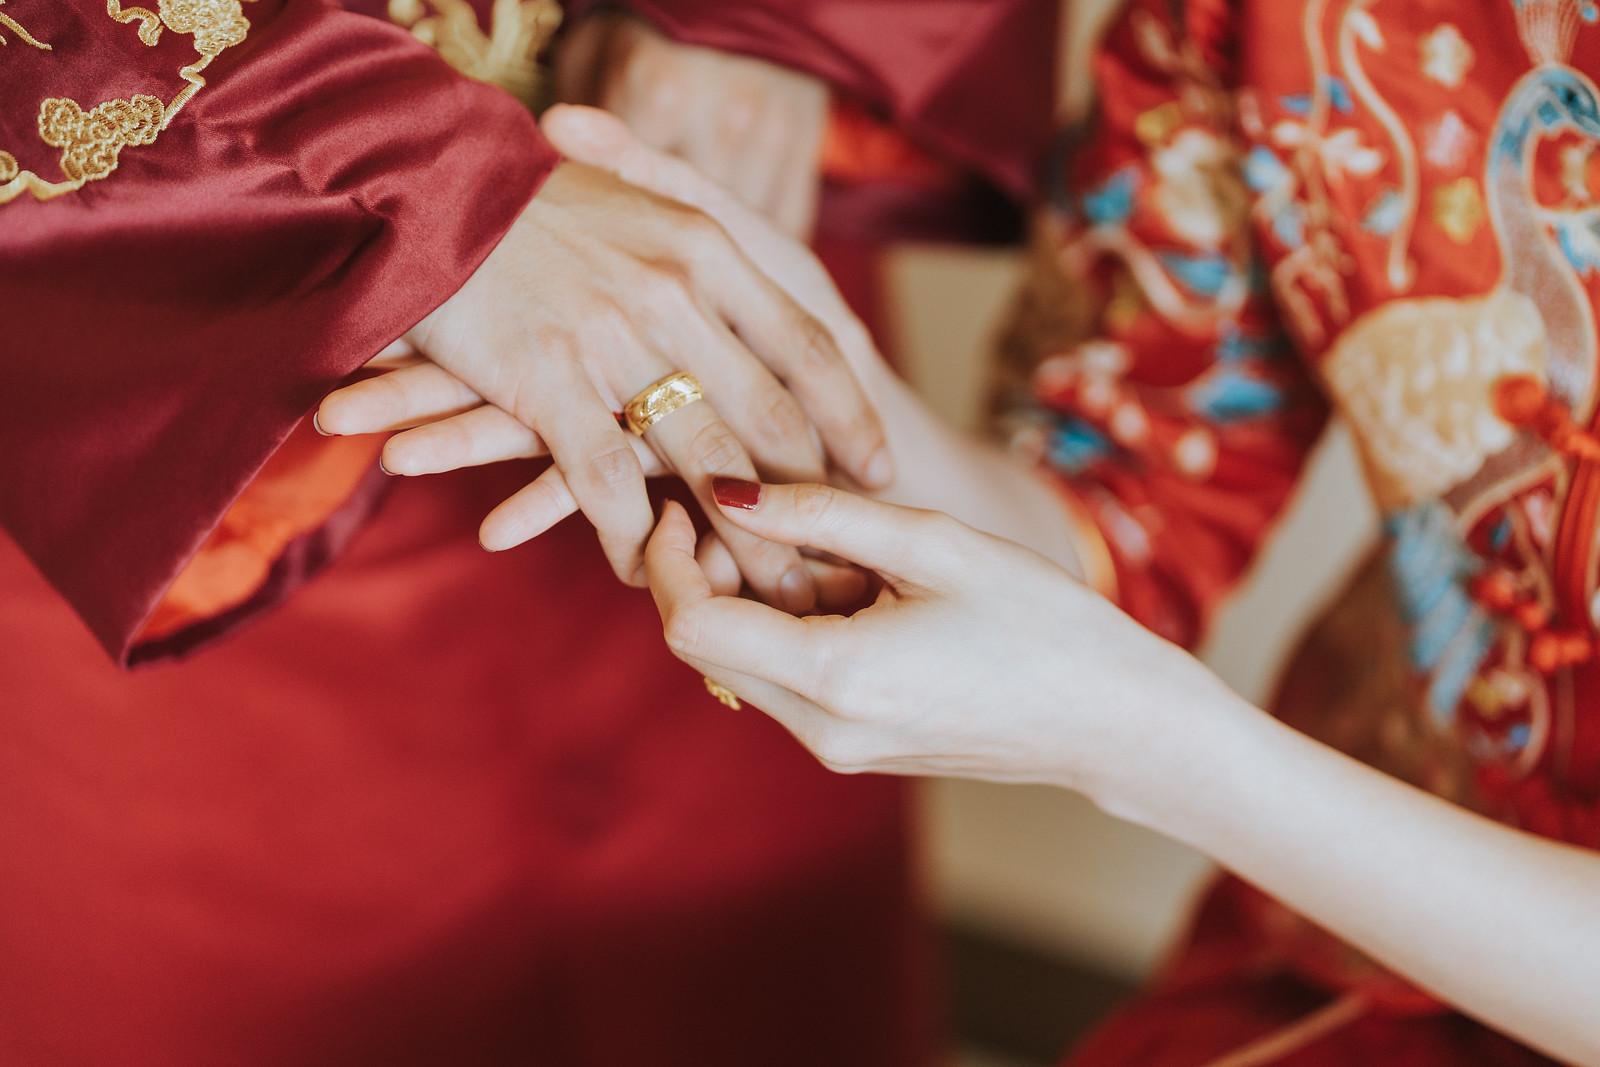 51531033679_ff0cbeade6_h- 婚攝, 婚禮攝影, 婚紗包套, 婚禮紀錄, 親子寫真, 美式婚紗攝影, 自助婚紗, 小資婚紗, 婚攝推薦, 家庭寫真, 孕婦寫真, 顏氏牧場婚攝, 林酒店婚攝, 萊特薇庭婚攝, 婚攝推薦, 婚紗婚攝, 婚紗攝影, 婚禮攝影推薦, 自助婚紗